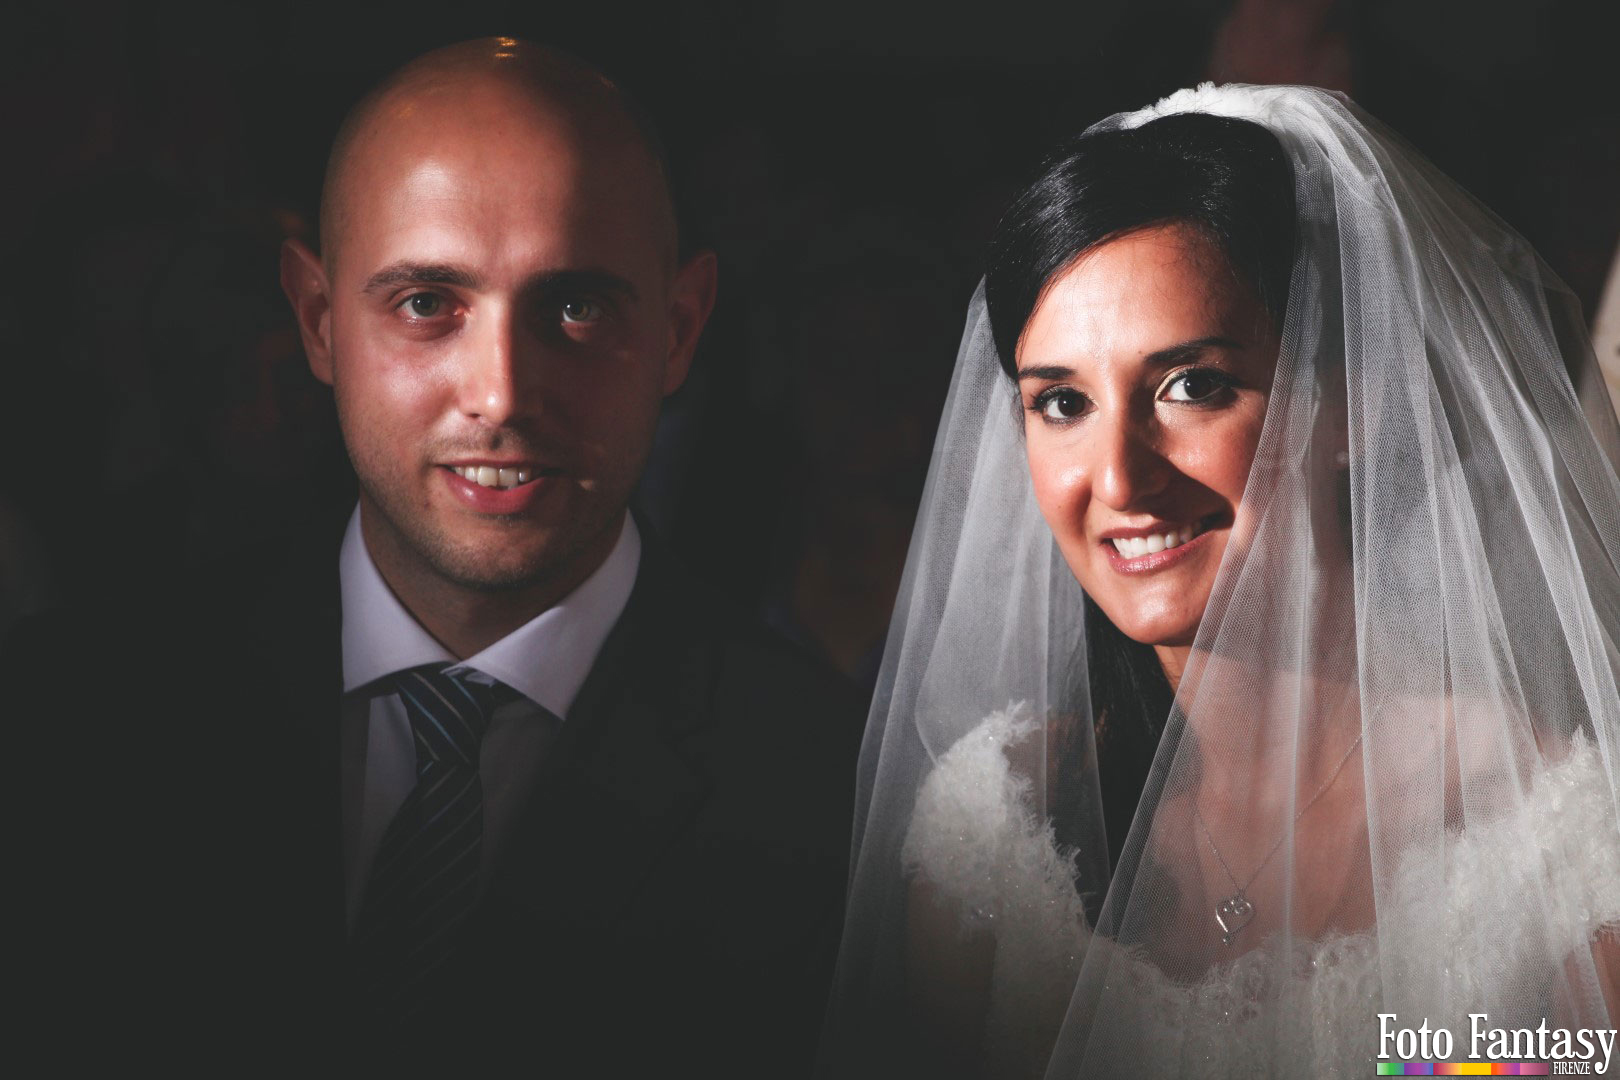 Servizio Matrimonio - Foto Fantasy Firenze - Sposi Ritratto